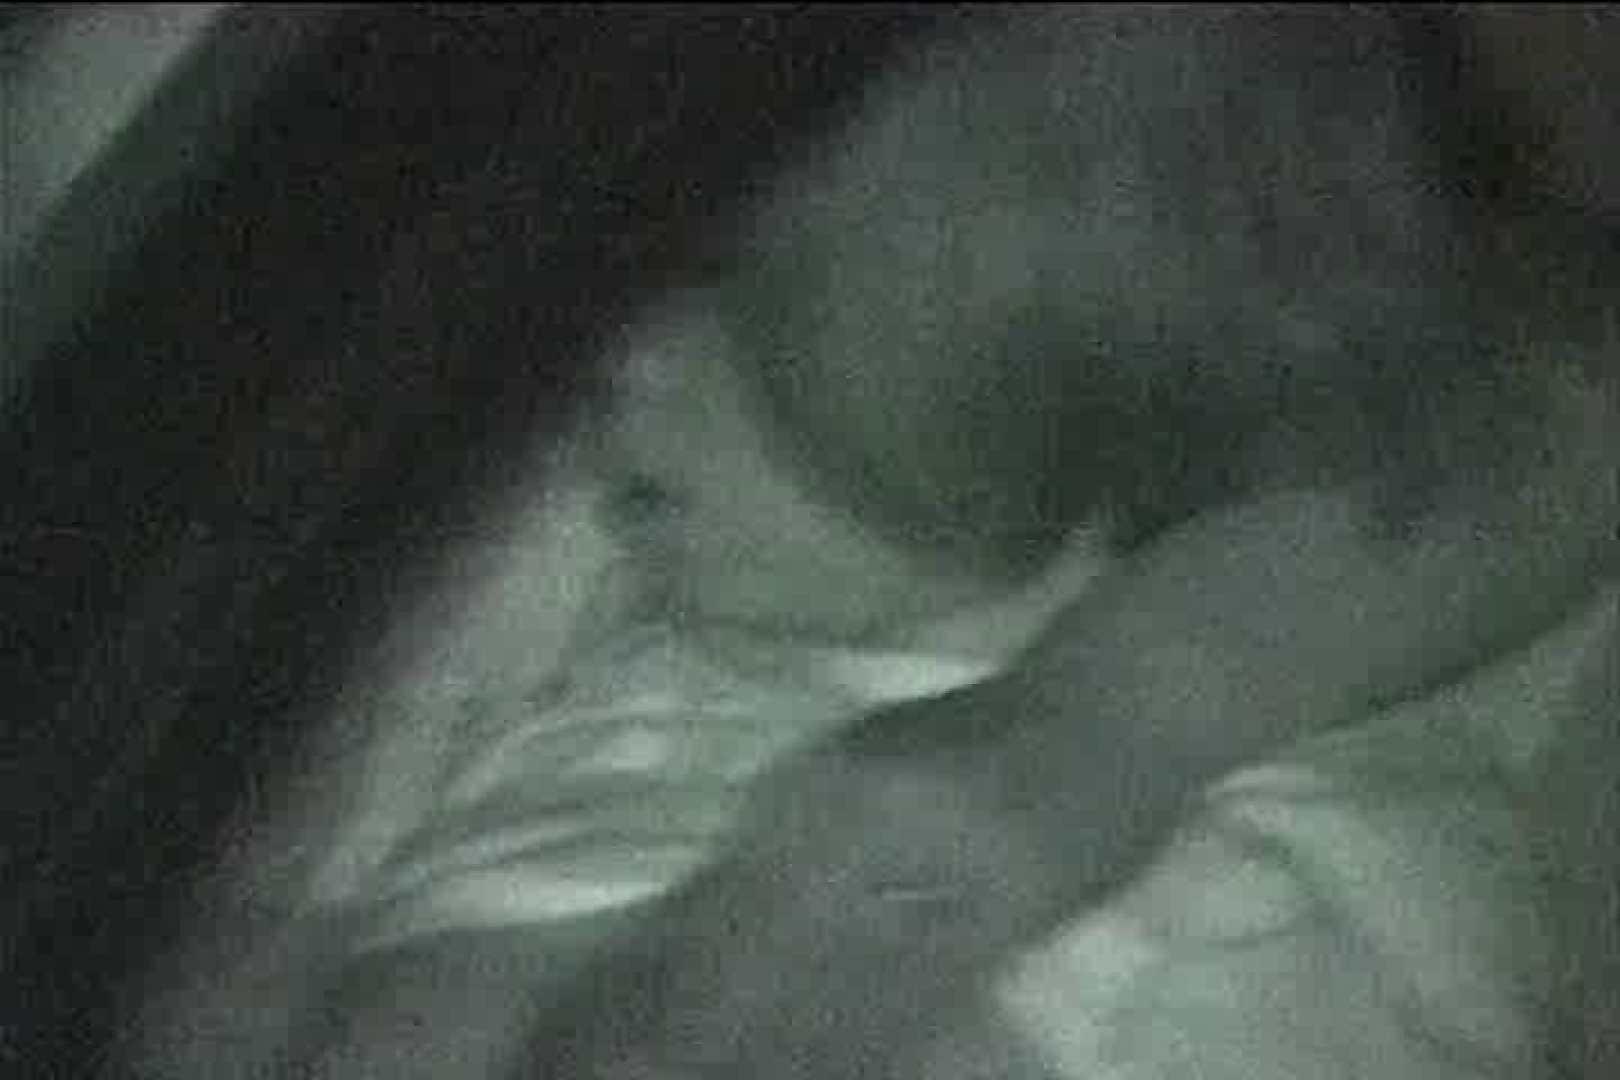 カーセックス未編集・無修正版 Vol.11 熟女丸裸 隠し撮りオマンコ動画紹介 97pic 9